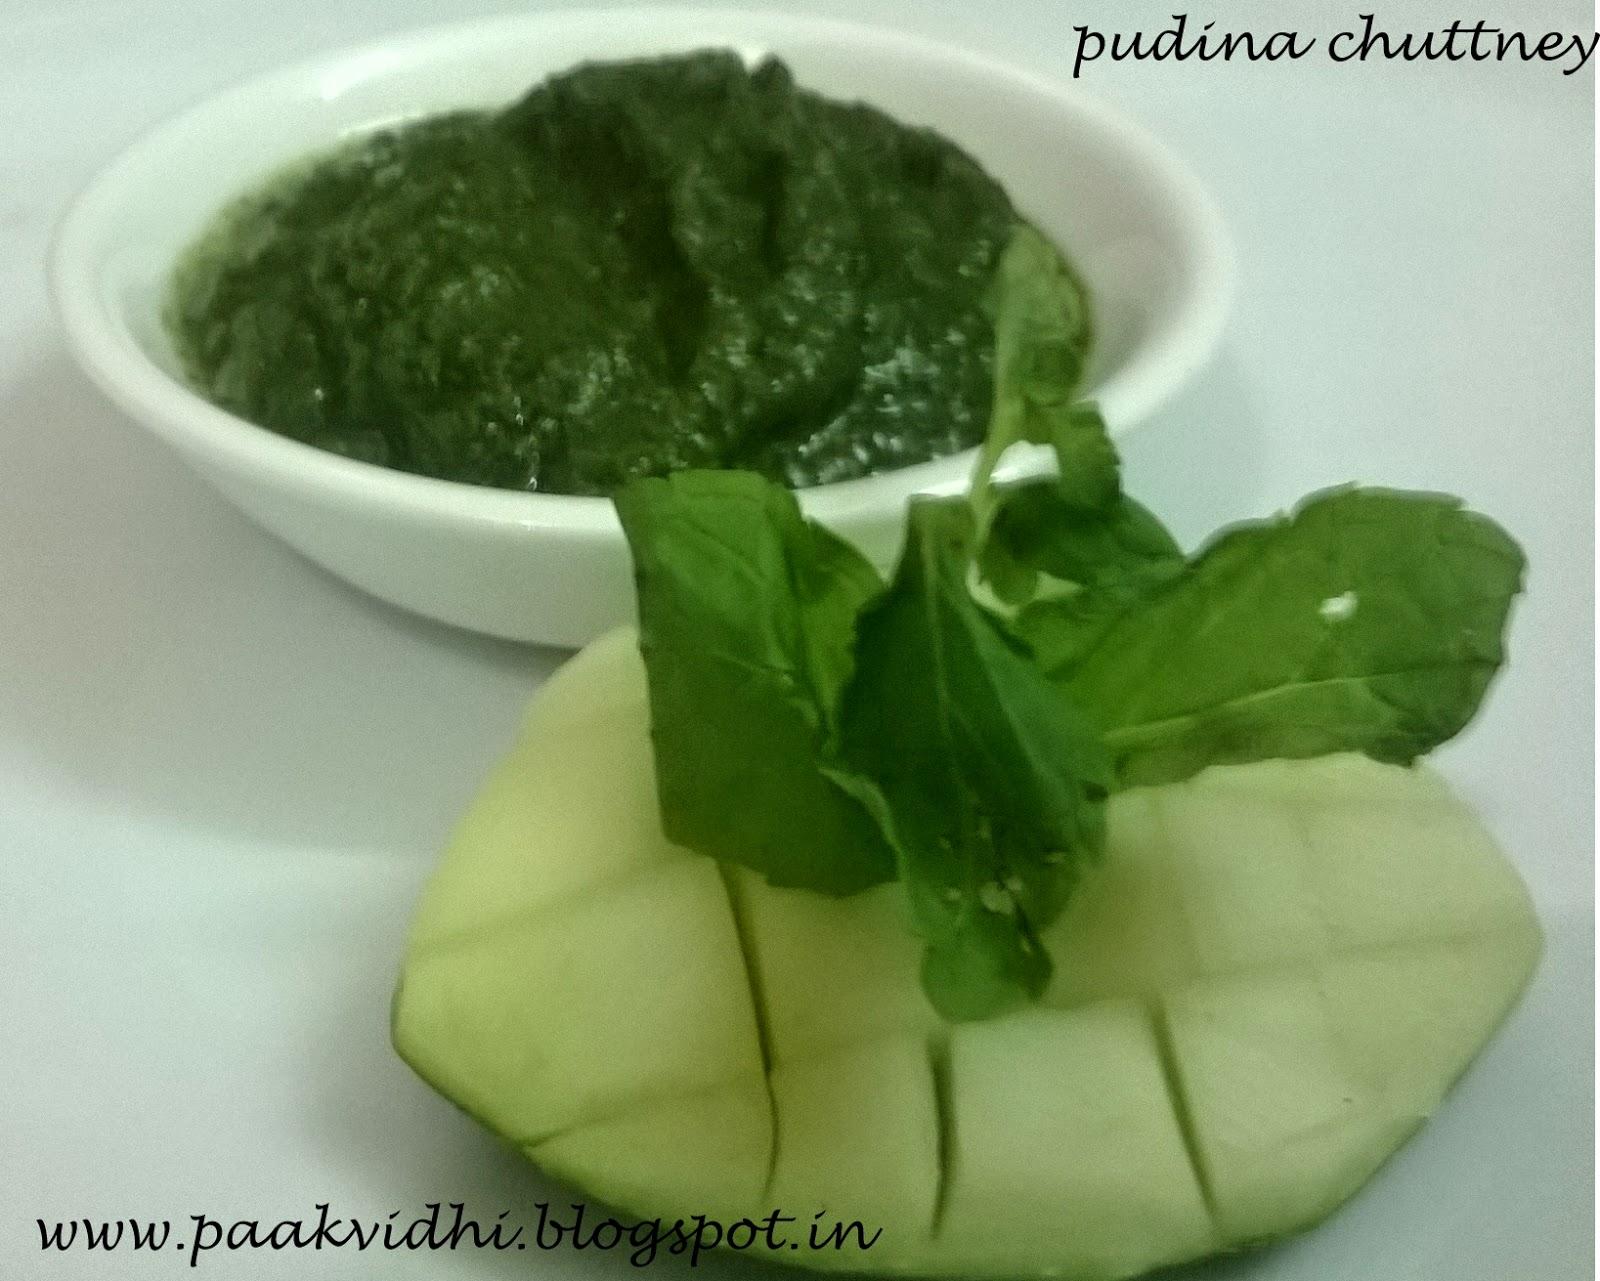 http://paakvidhi.blogspot.in/2014/07/pudina-chuttney.html